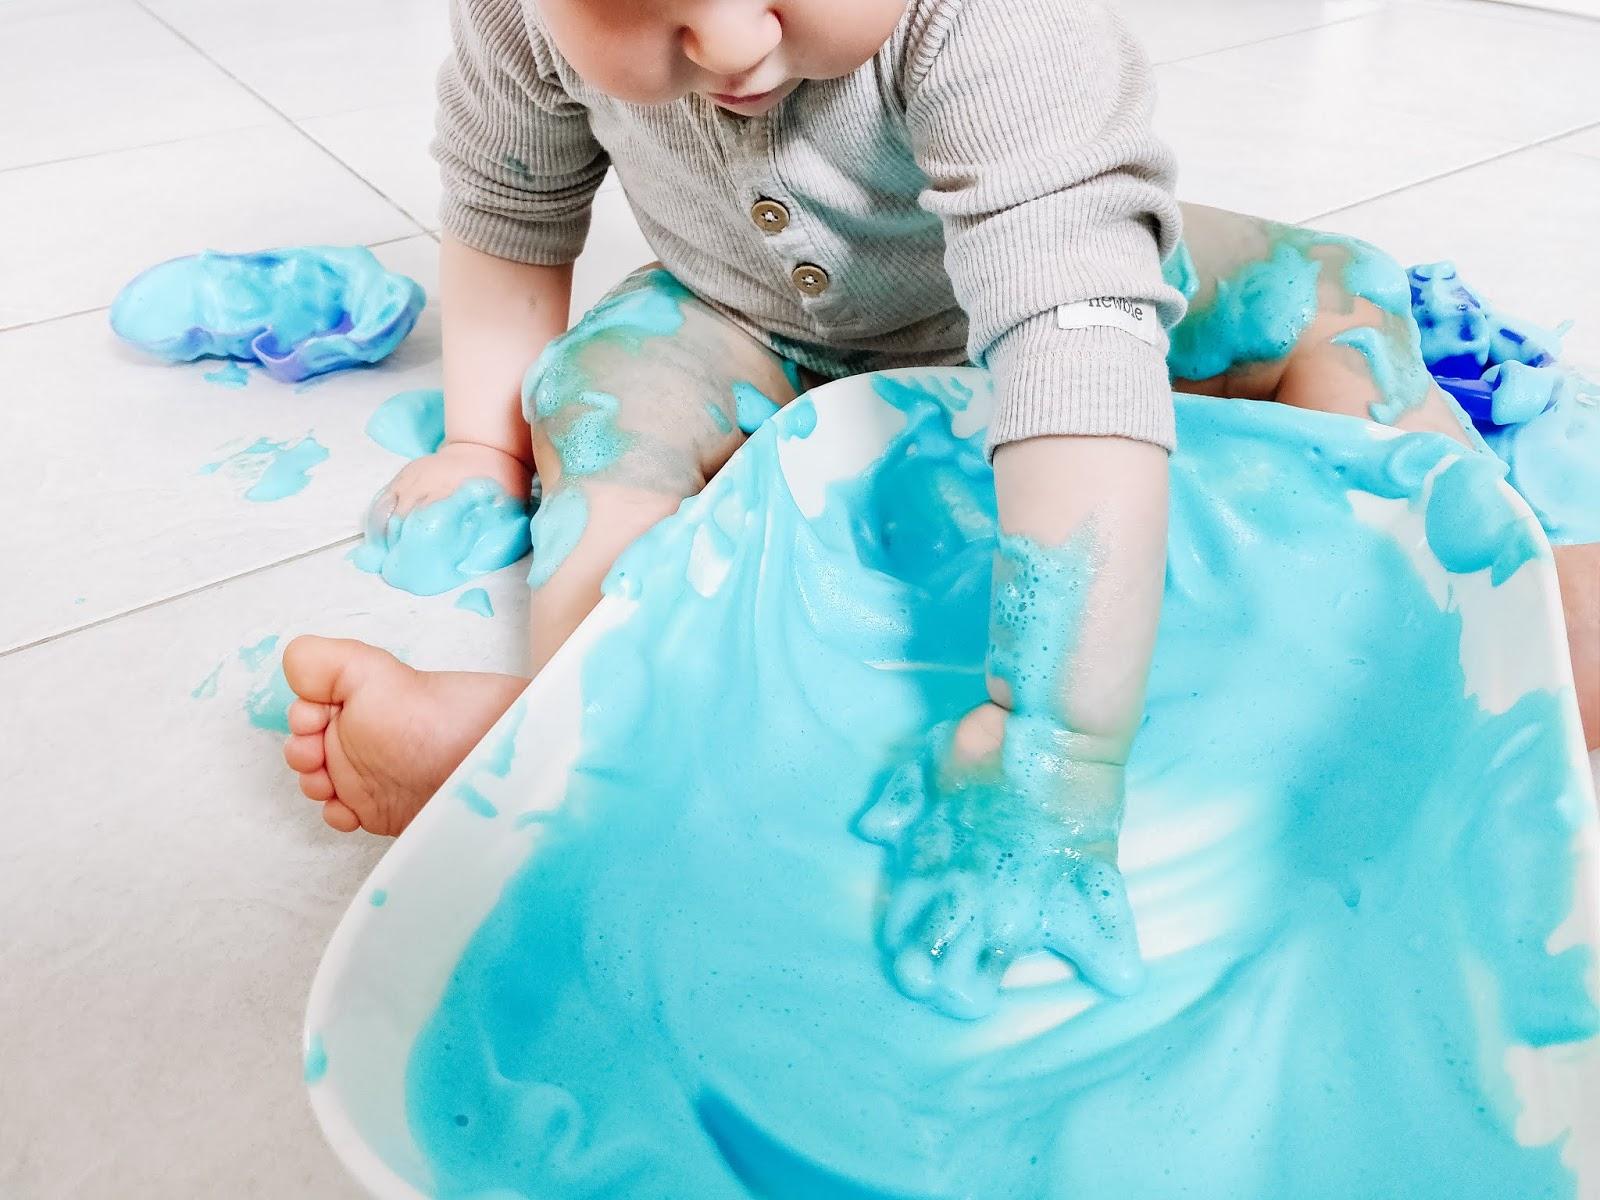 Vauva leikkii turkoosilla vaahdolla kylpyhuoneessa. Vaahtoleikki on takuuvarmaa puuhaa lapsille.